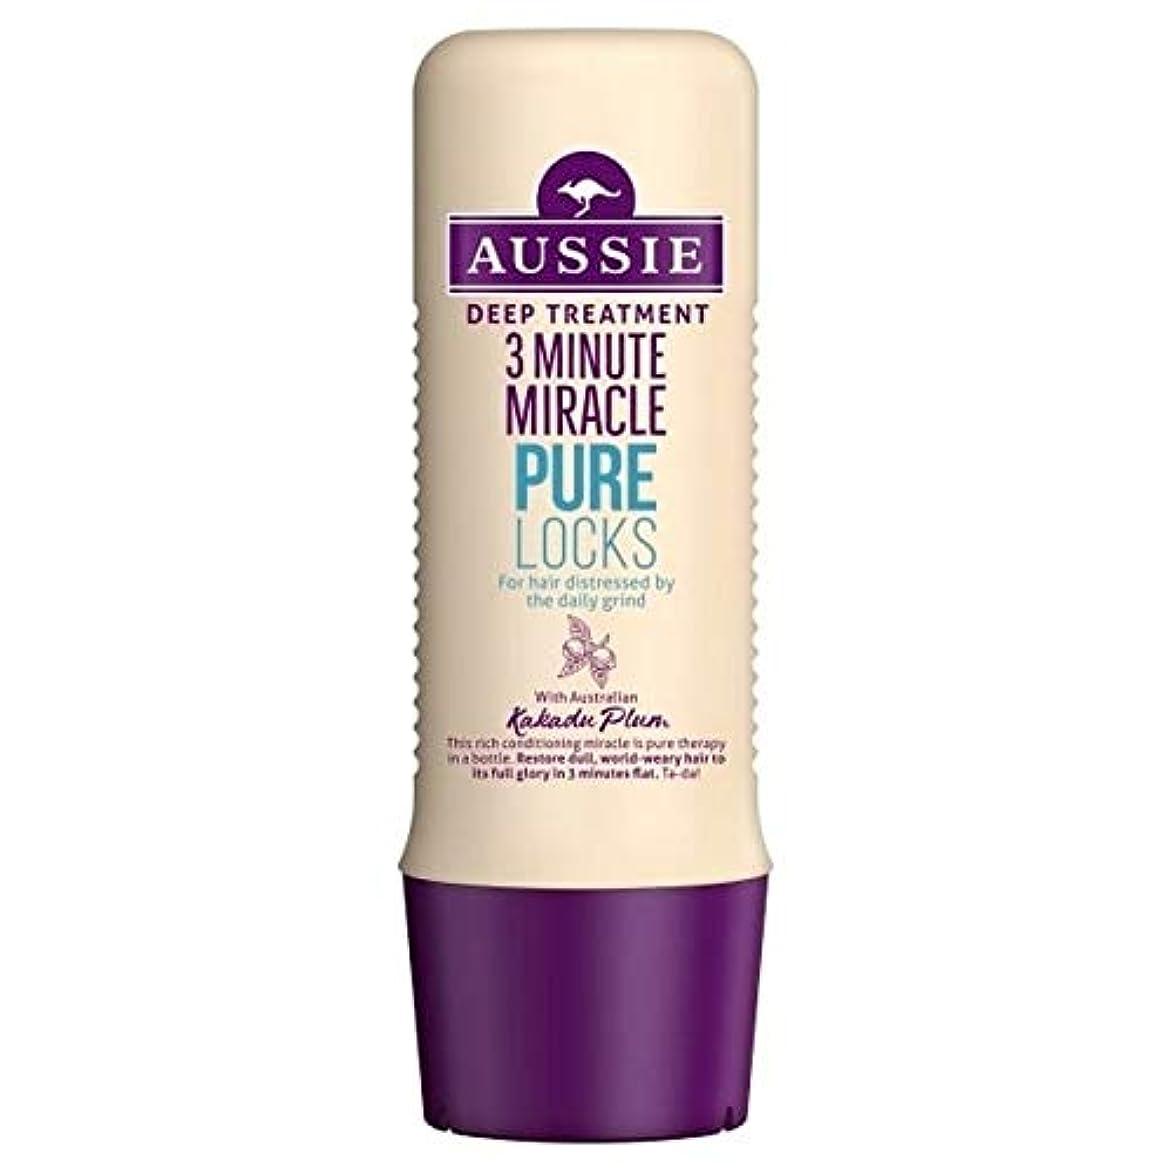 消毒する不毛の宇宙[Aussie ] オーストラリアの純粋なロック3分の奇跡の250ミリリットル - Aussie Pure Locks 3 Minute Miracle 250ml [並行輸入品]